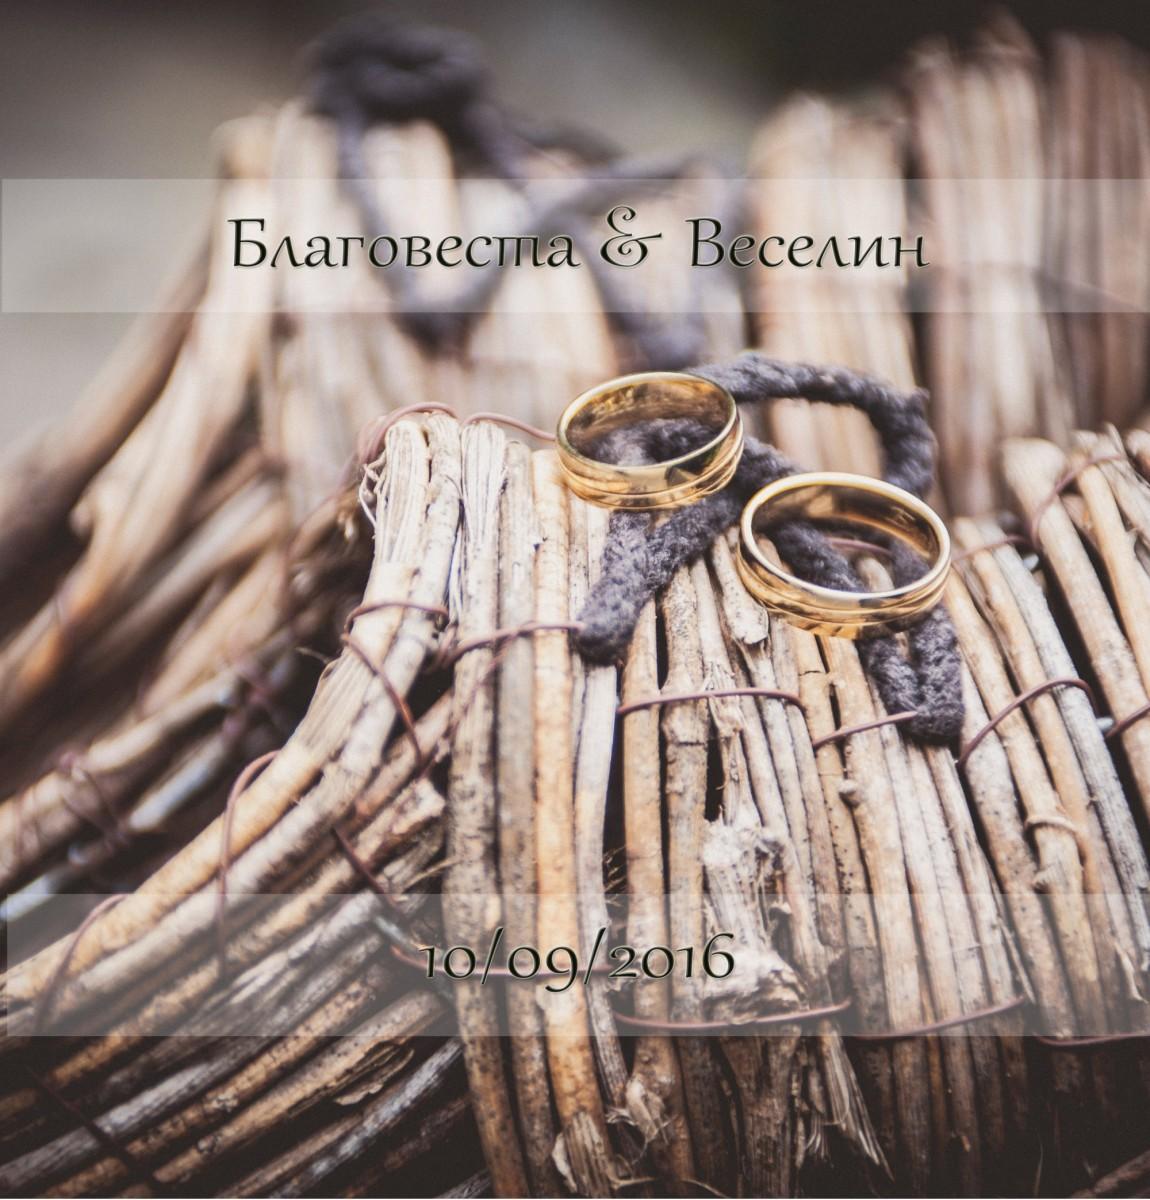 Сватбена фотокнига, сватбен фотограф, Пловдив, Панагюрище 2016-3-1